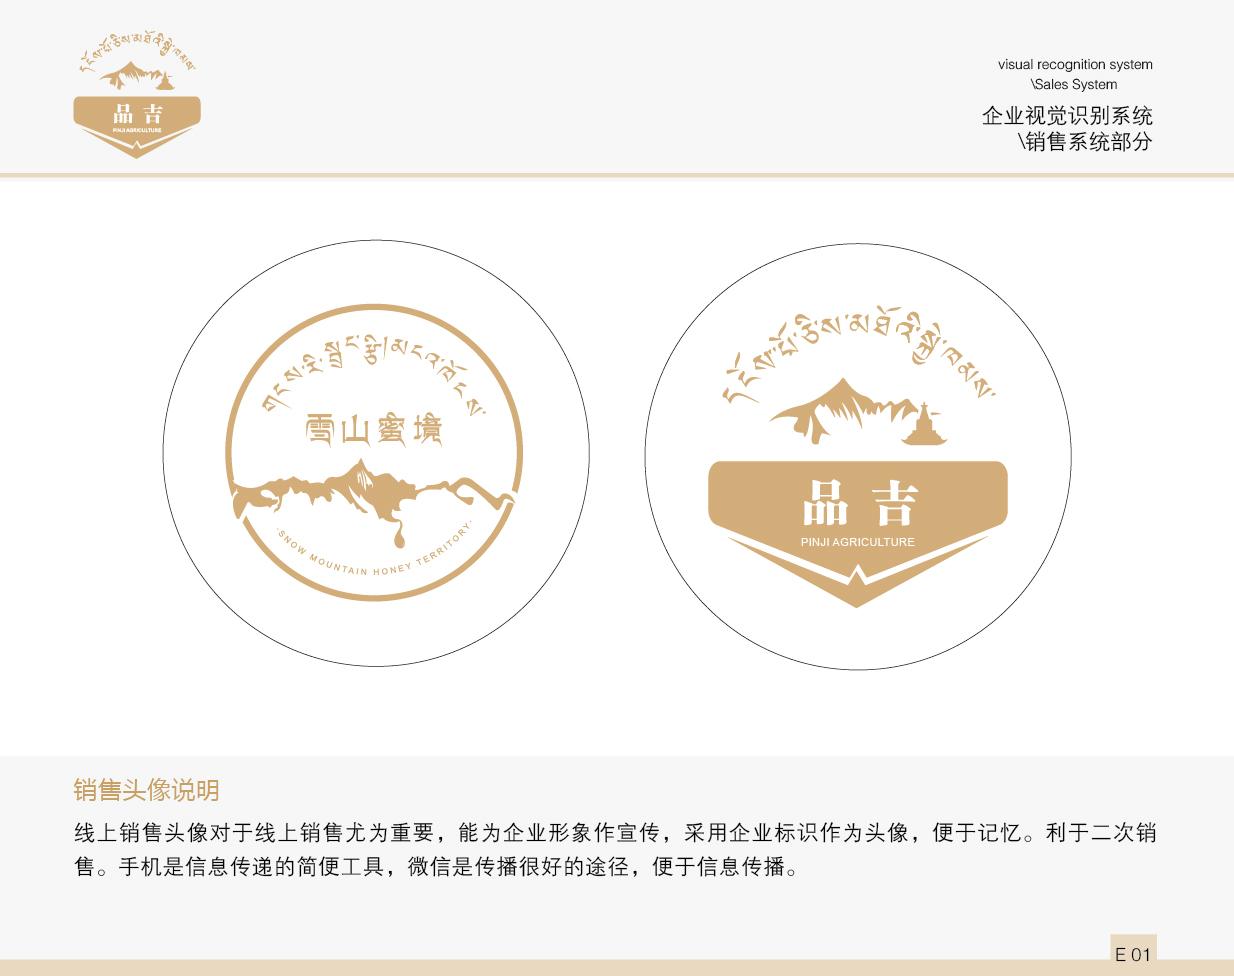 品吉农业VI 销售系统部分  客户资料  第2张